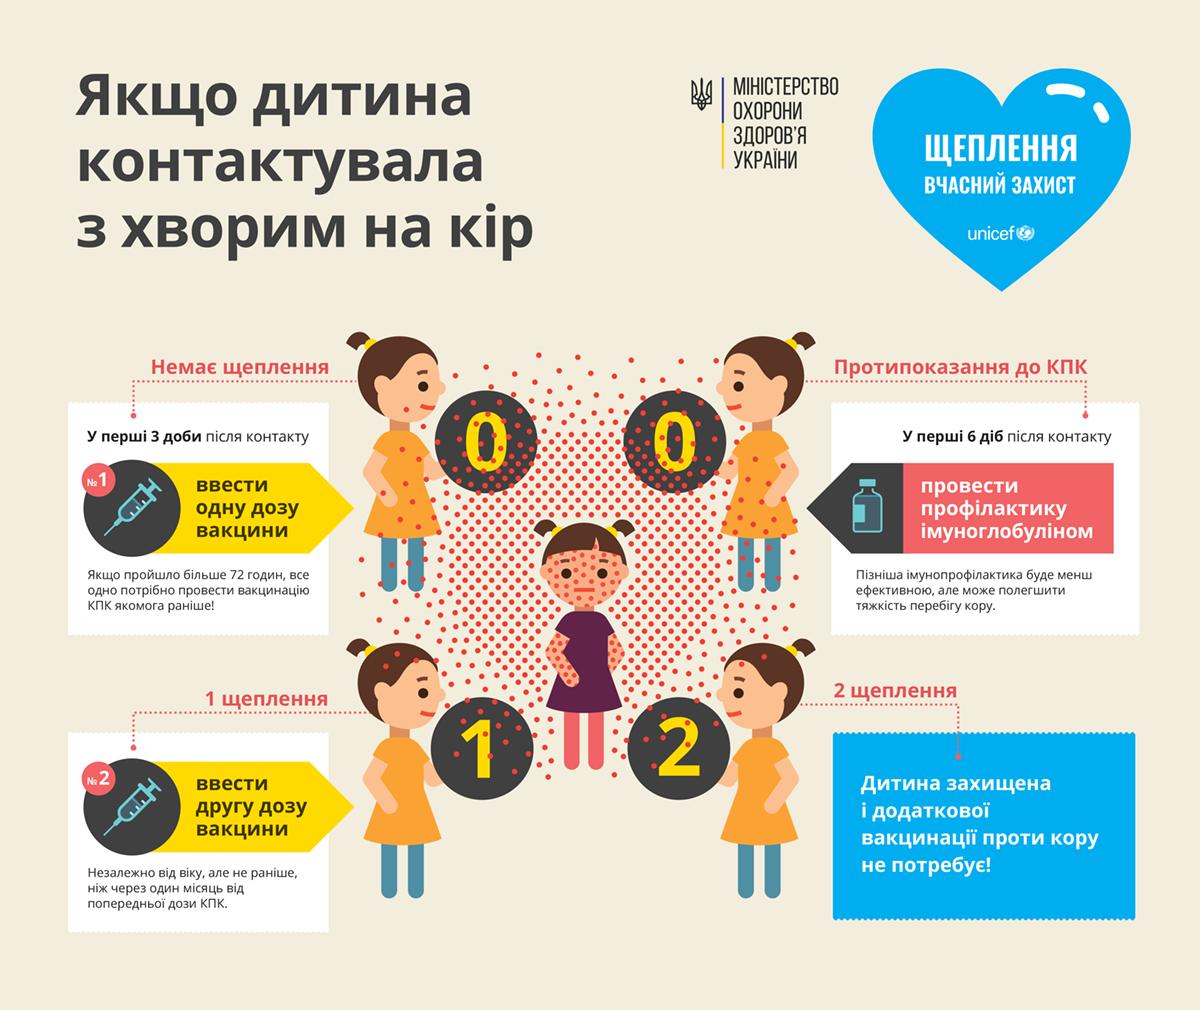 Що робити якщо дитина контактувала с хворим на кір